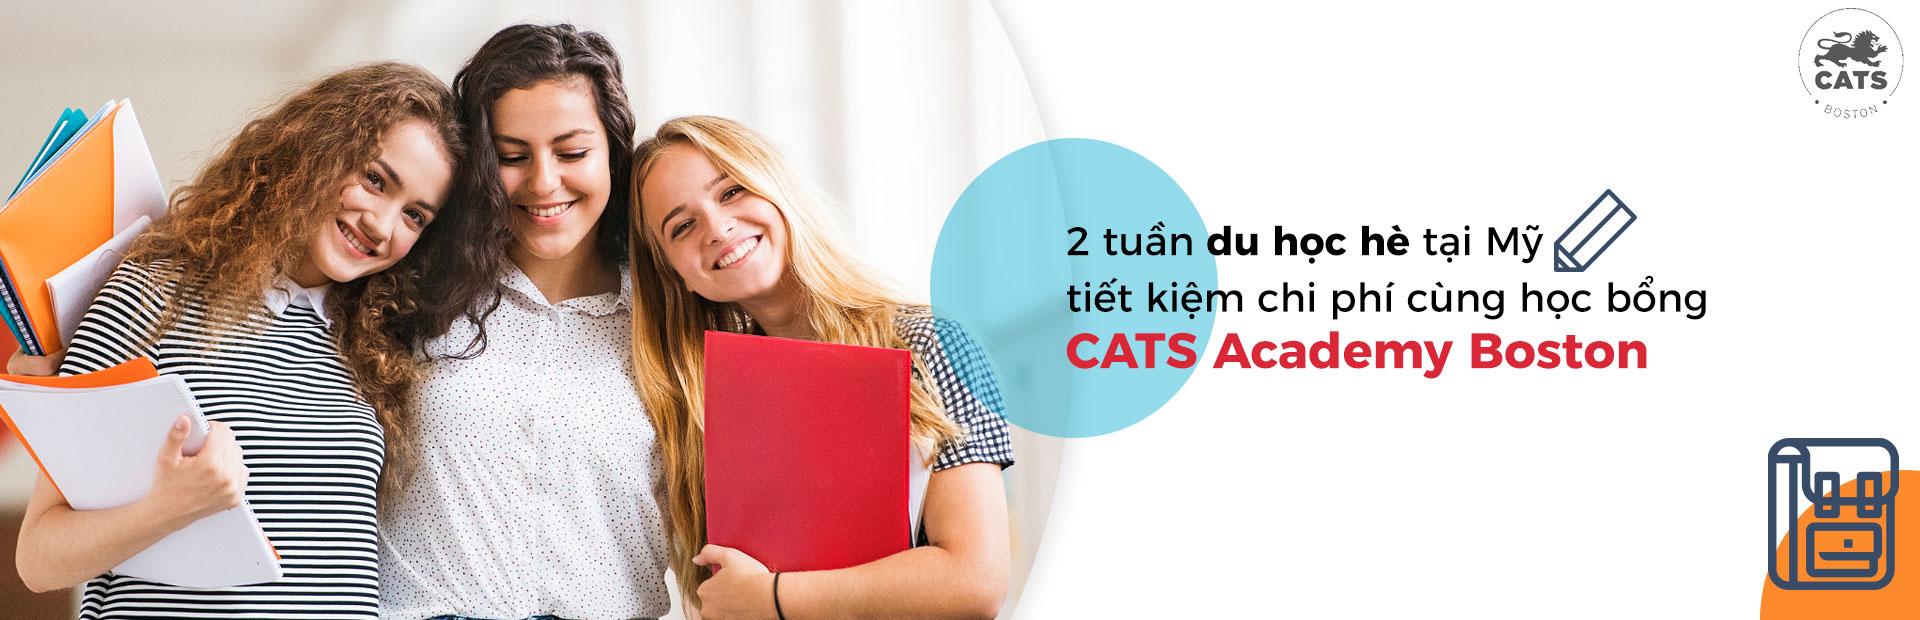 Du học hè CATS